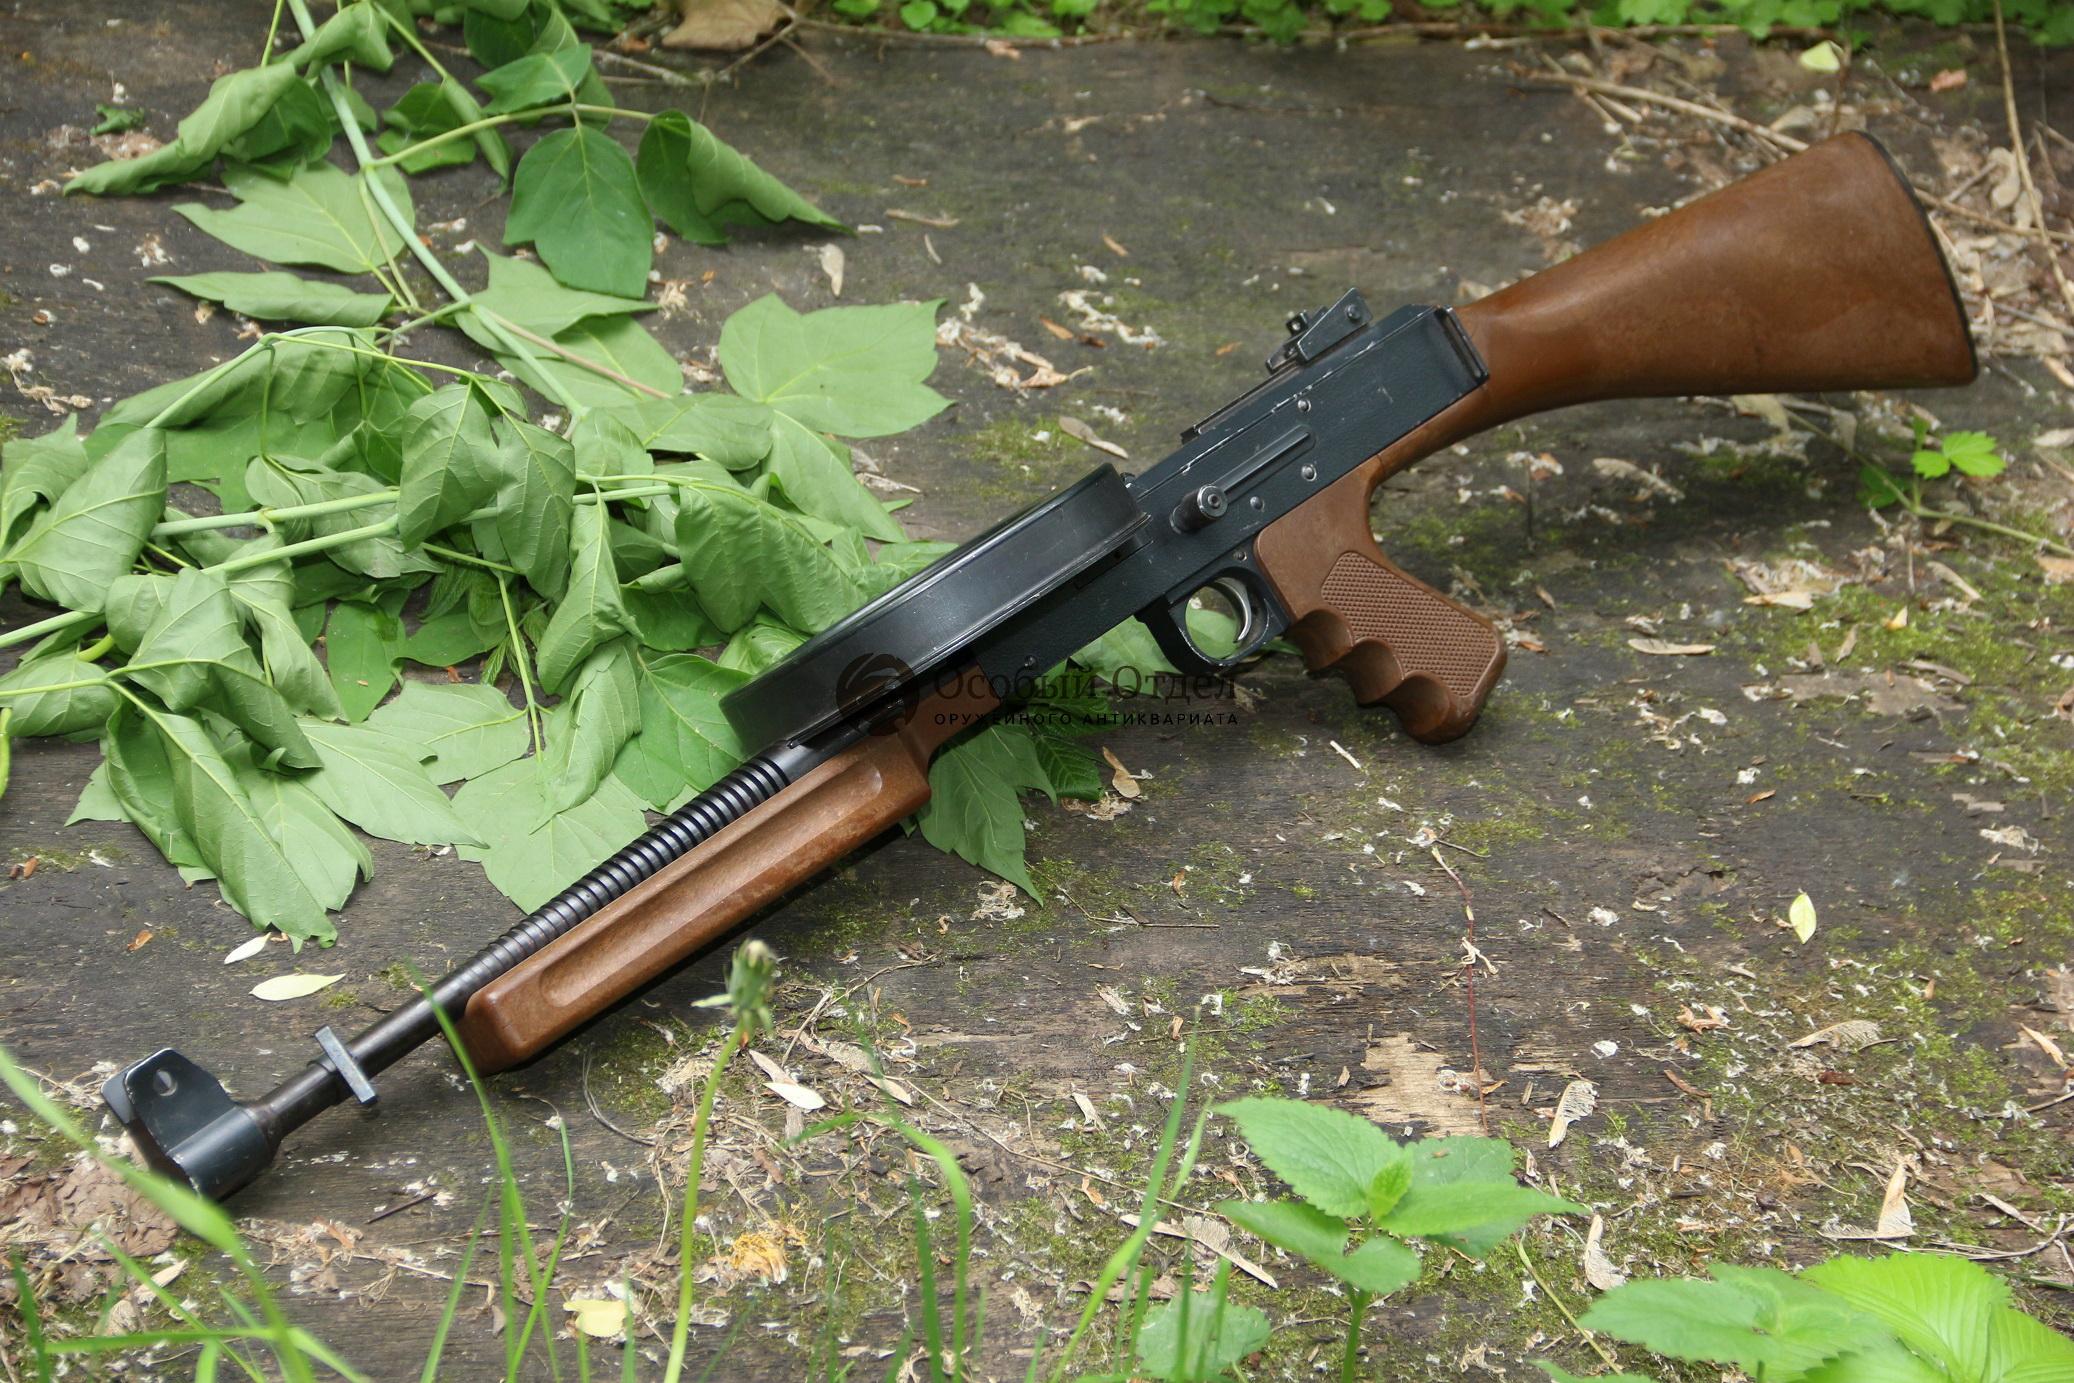 Пистолет-пулемет American 180 Cal. 22l.r. 1974 год выпуска, #А004594